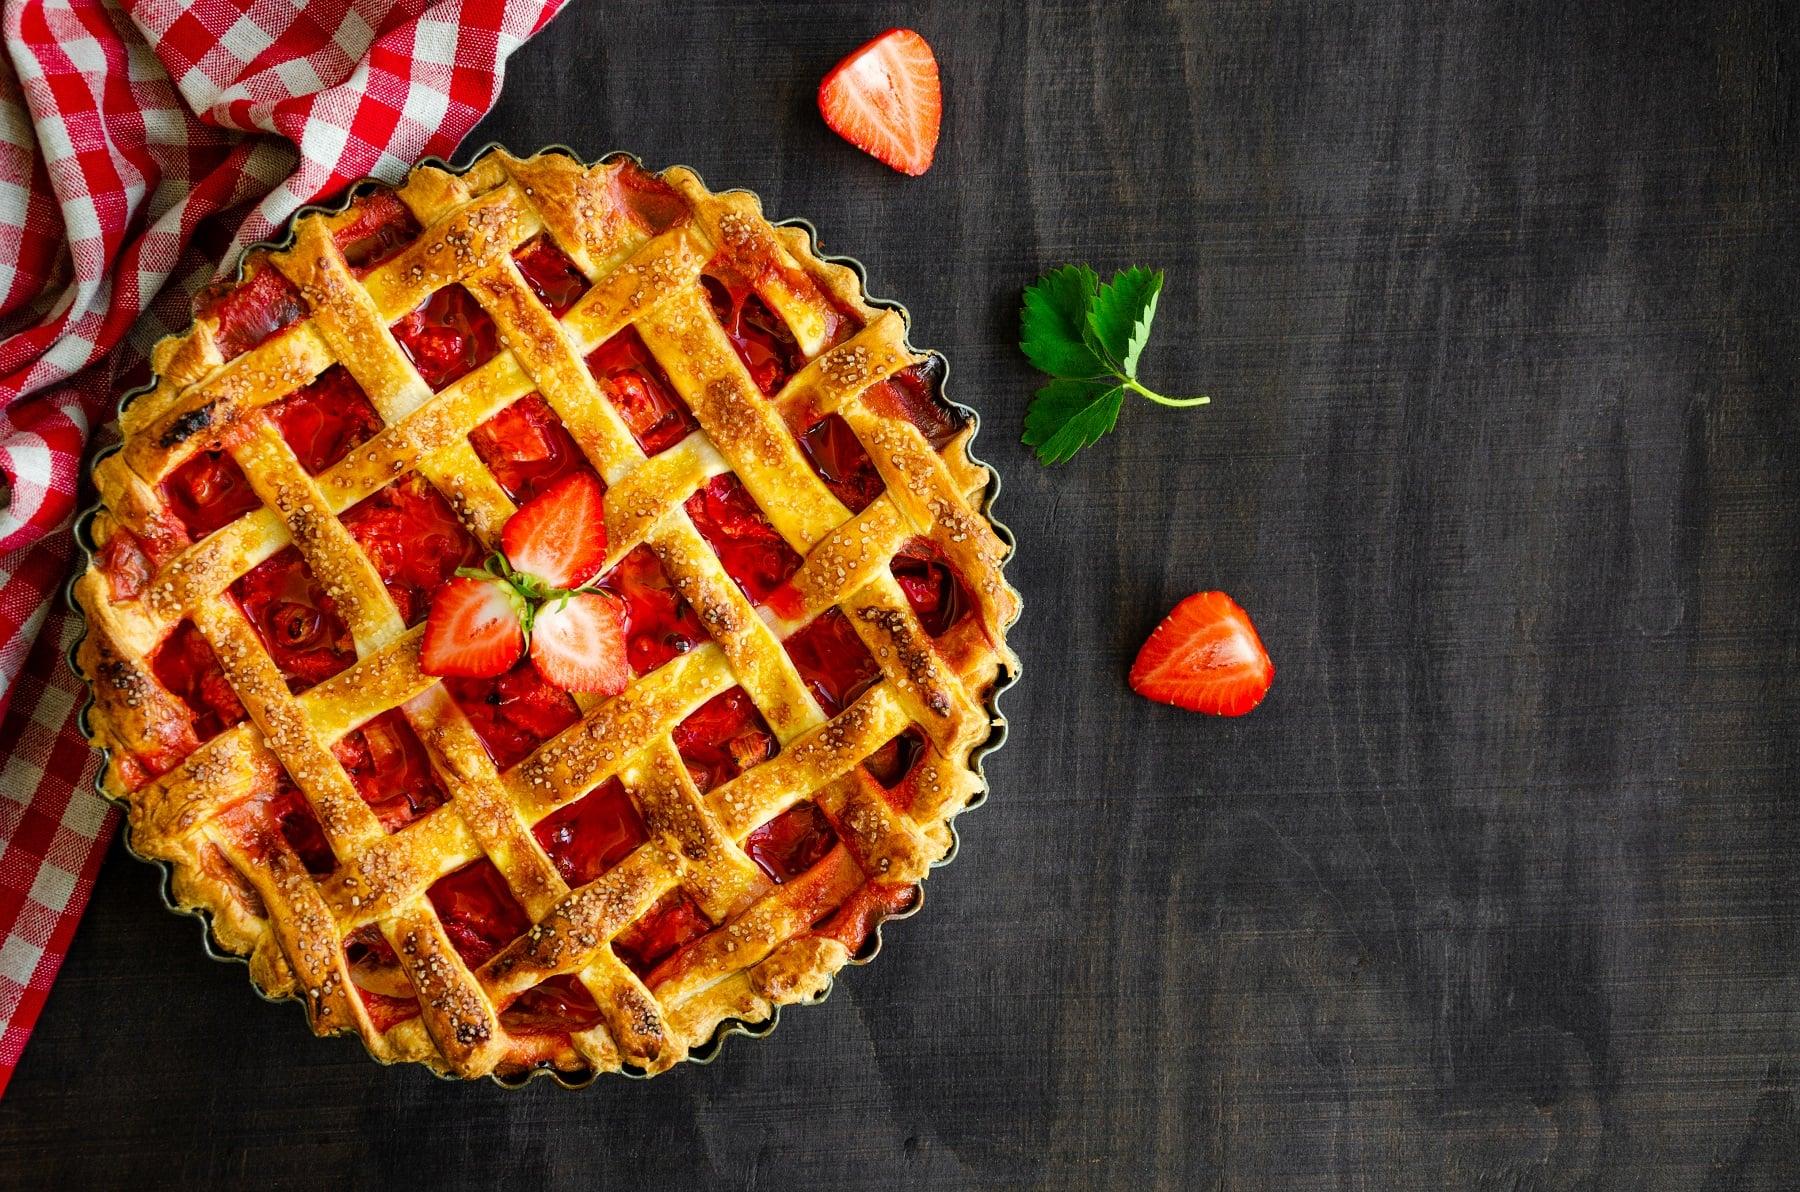 Gitterkuchen mit Erdbeeren und Rhabarber in einer Kuchenform auf einem schwarzen Holztisch neben einer karierten Tischdecke.